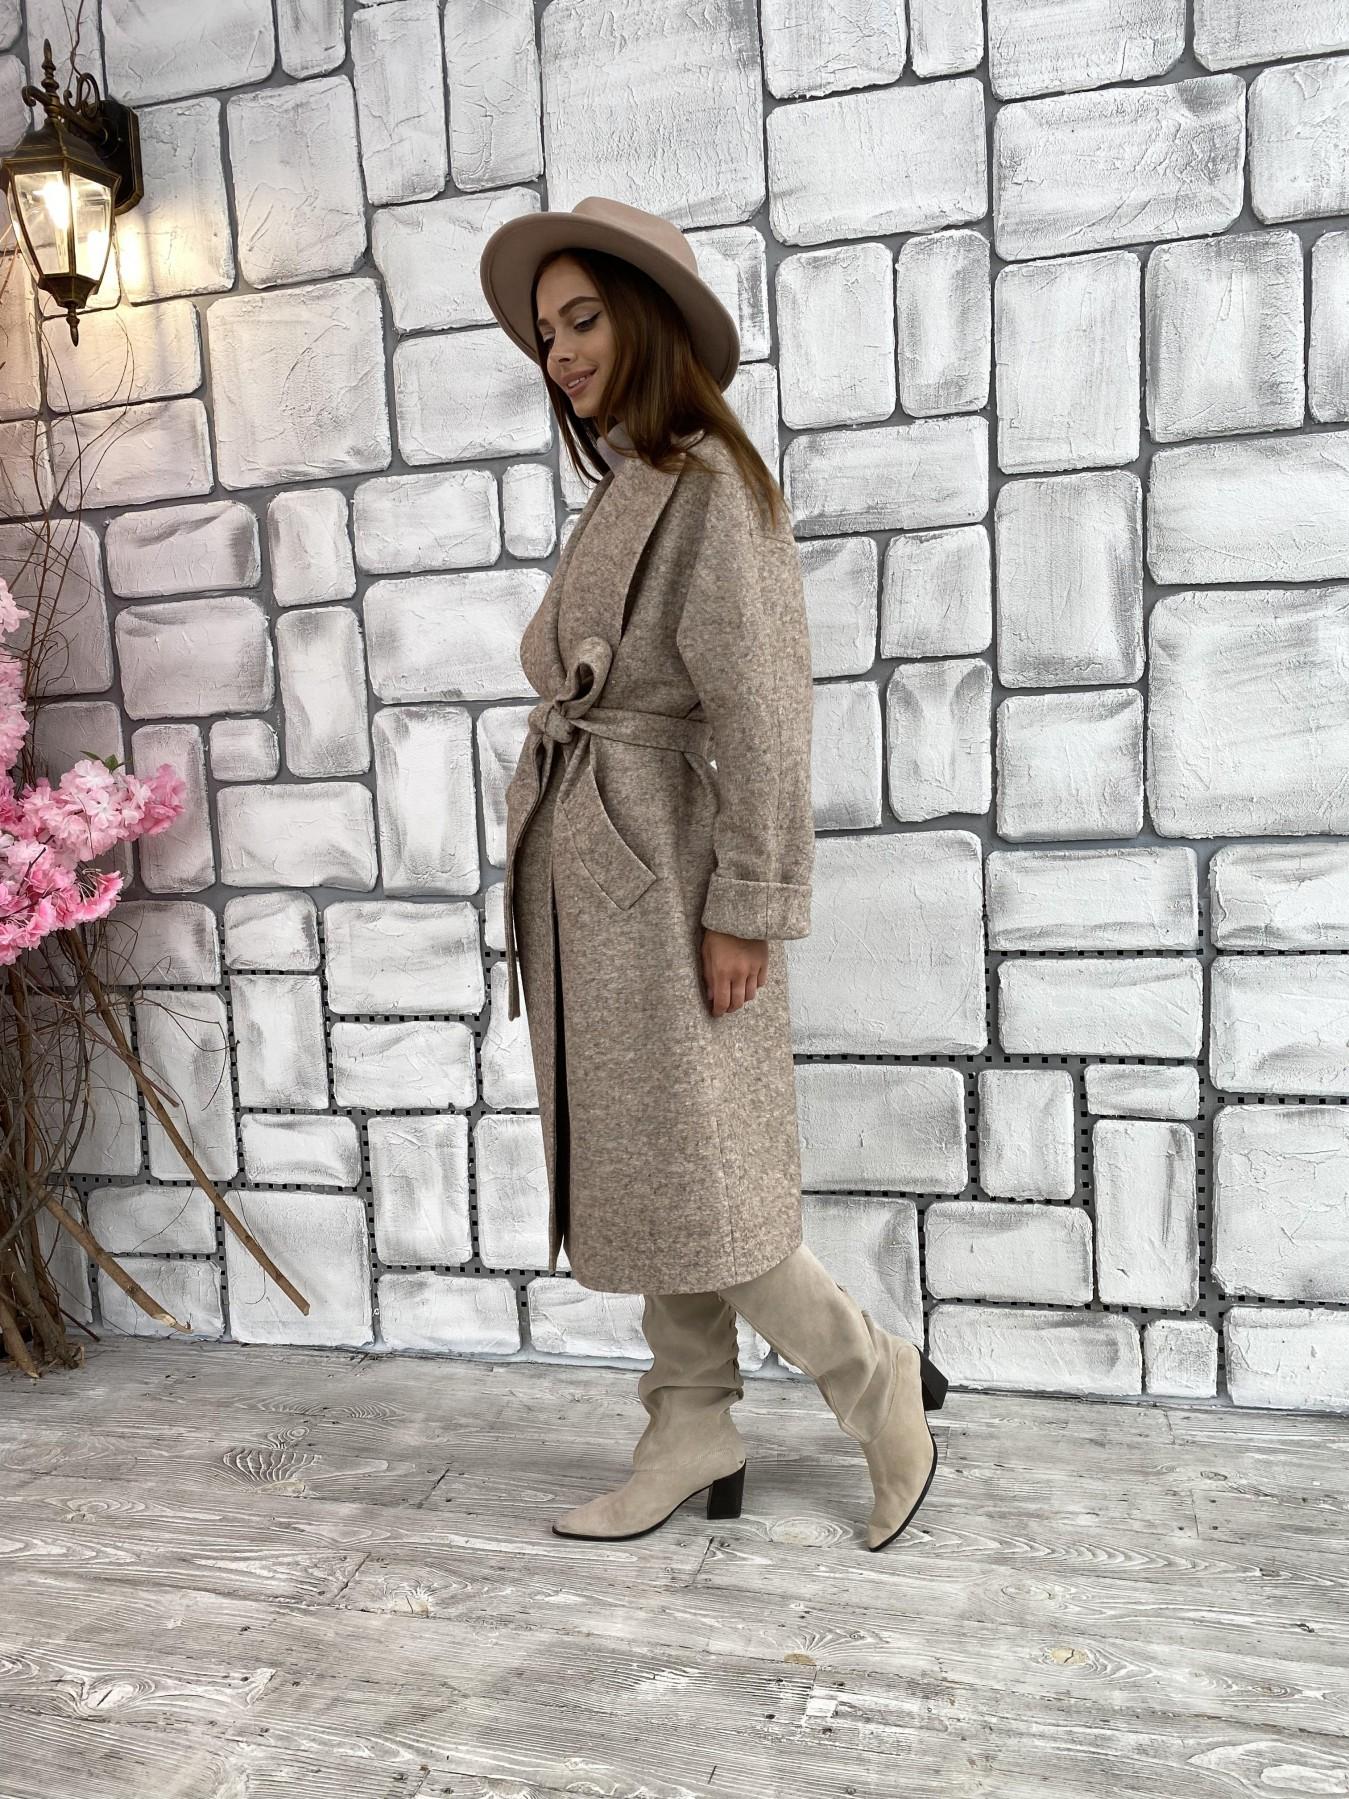 Влада шерсть варенка ткань пальто 11639 АРТ. 48352 Цвет: Бежевый 13 - фото 3, интернет магазин tm-modus.ru